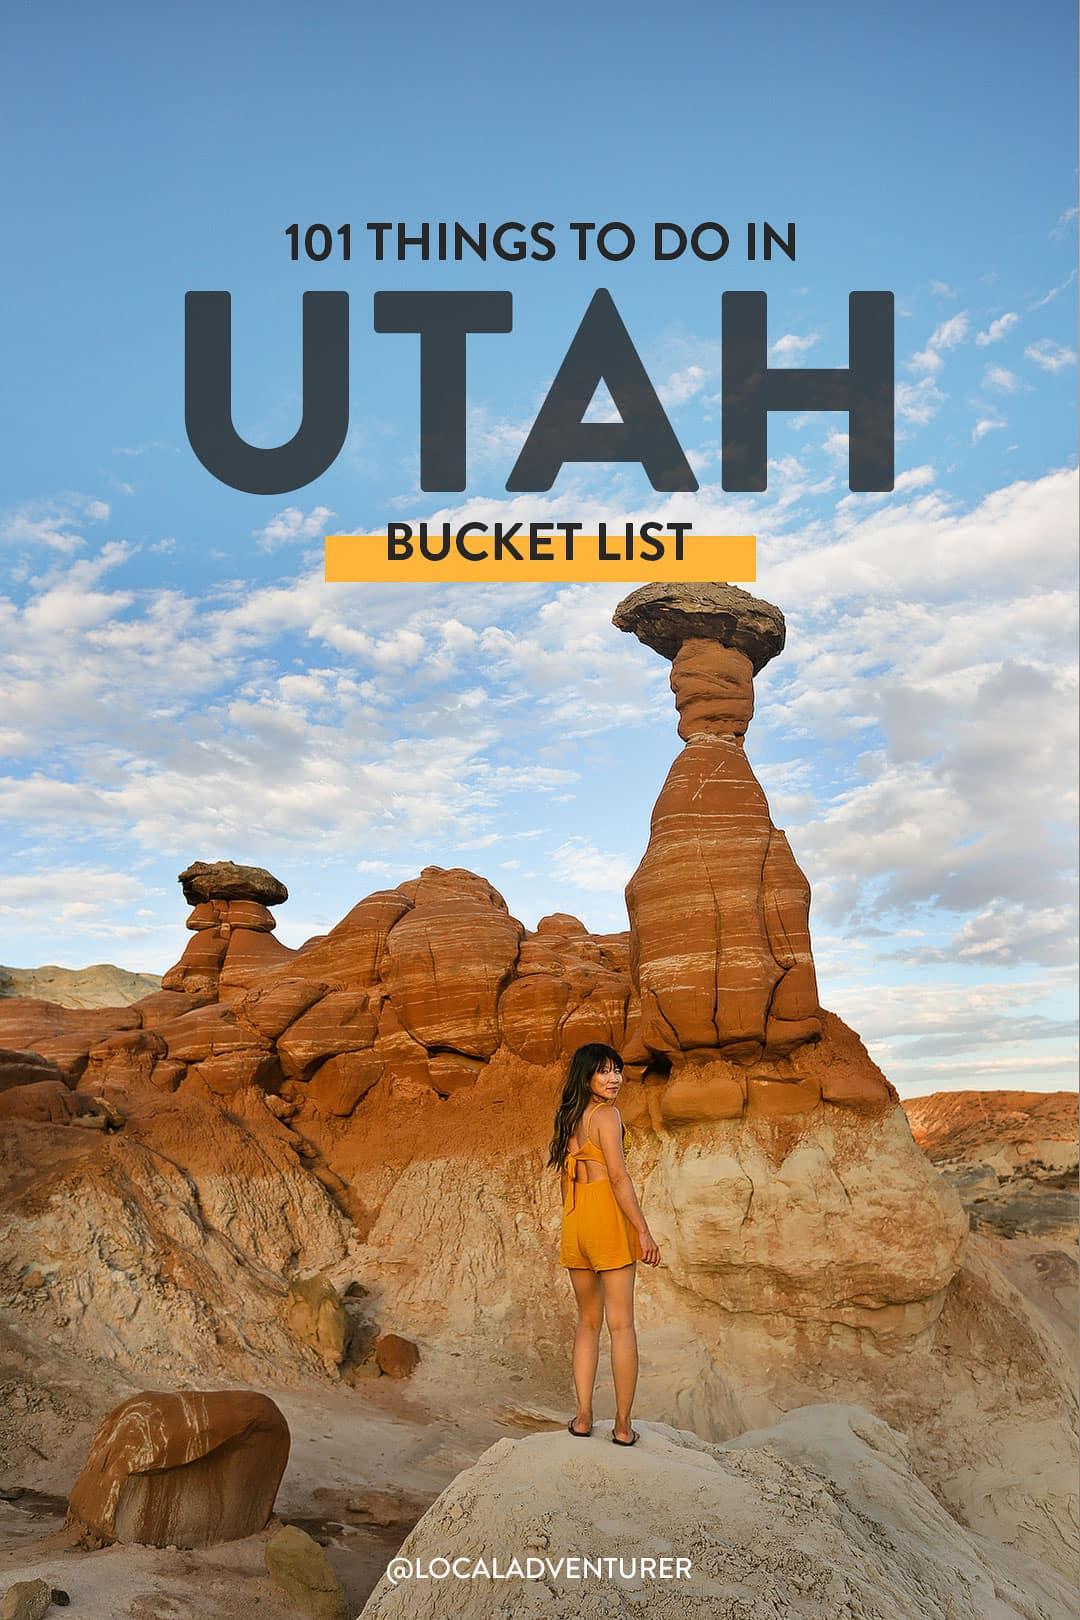 101 Things to Do in Utah Bucket List